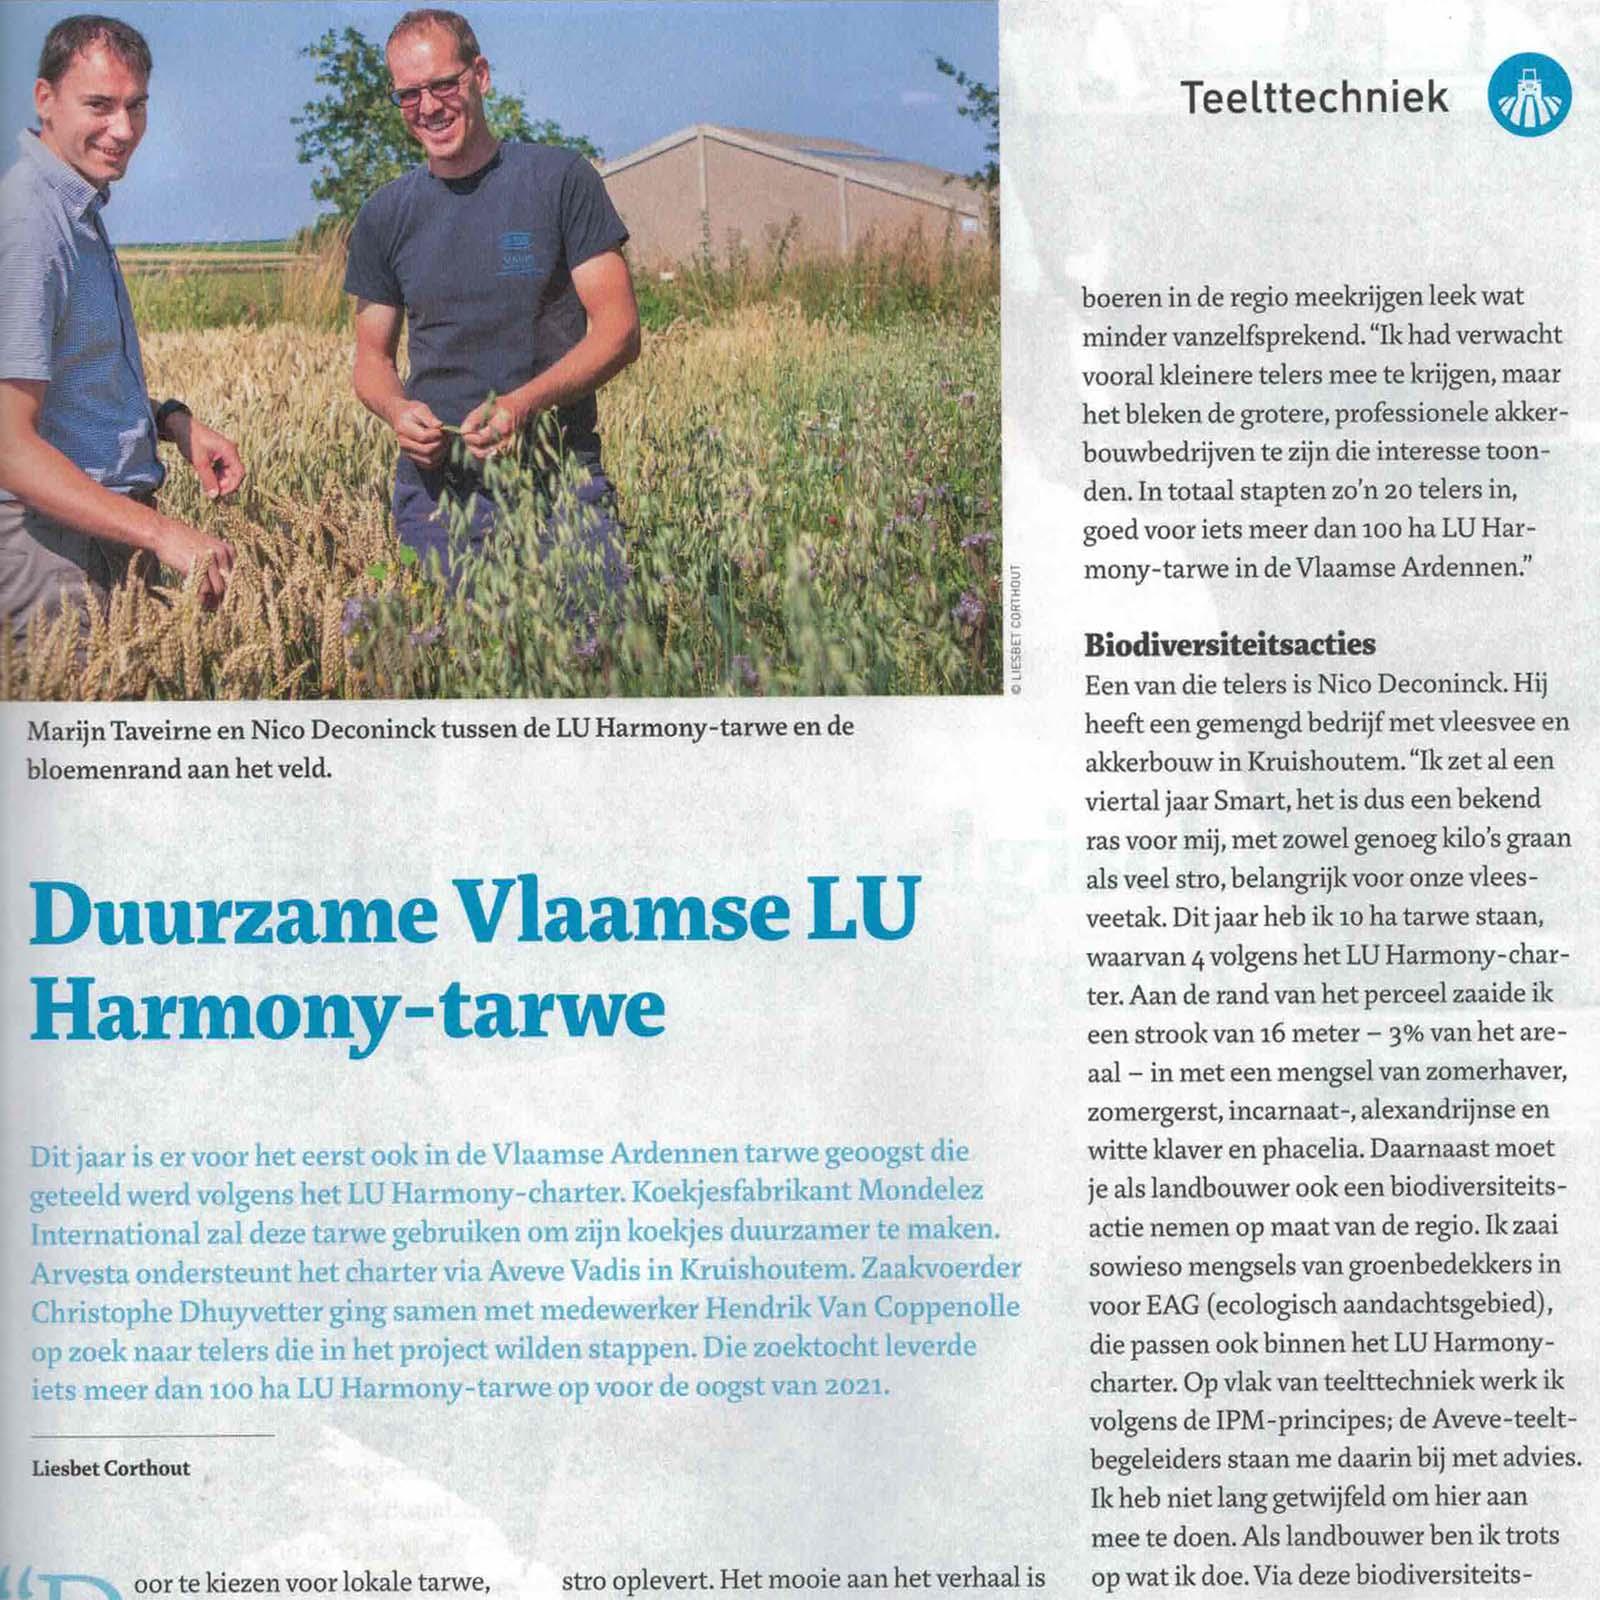 Persartikel Boer en Tuinder 5 aug. 2021: Duurzame Vlaamse LU Harmony tarwe